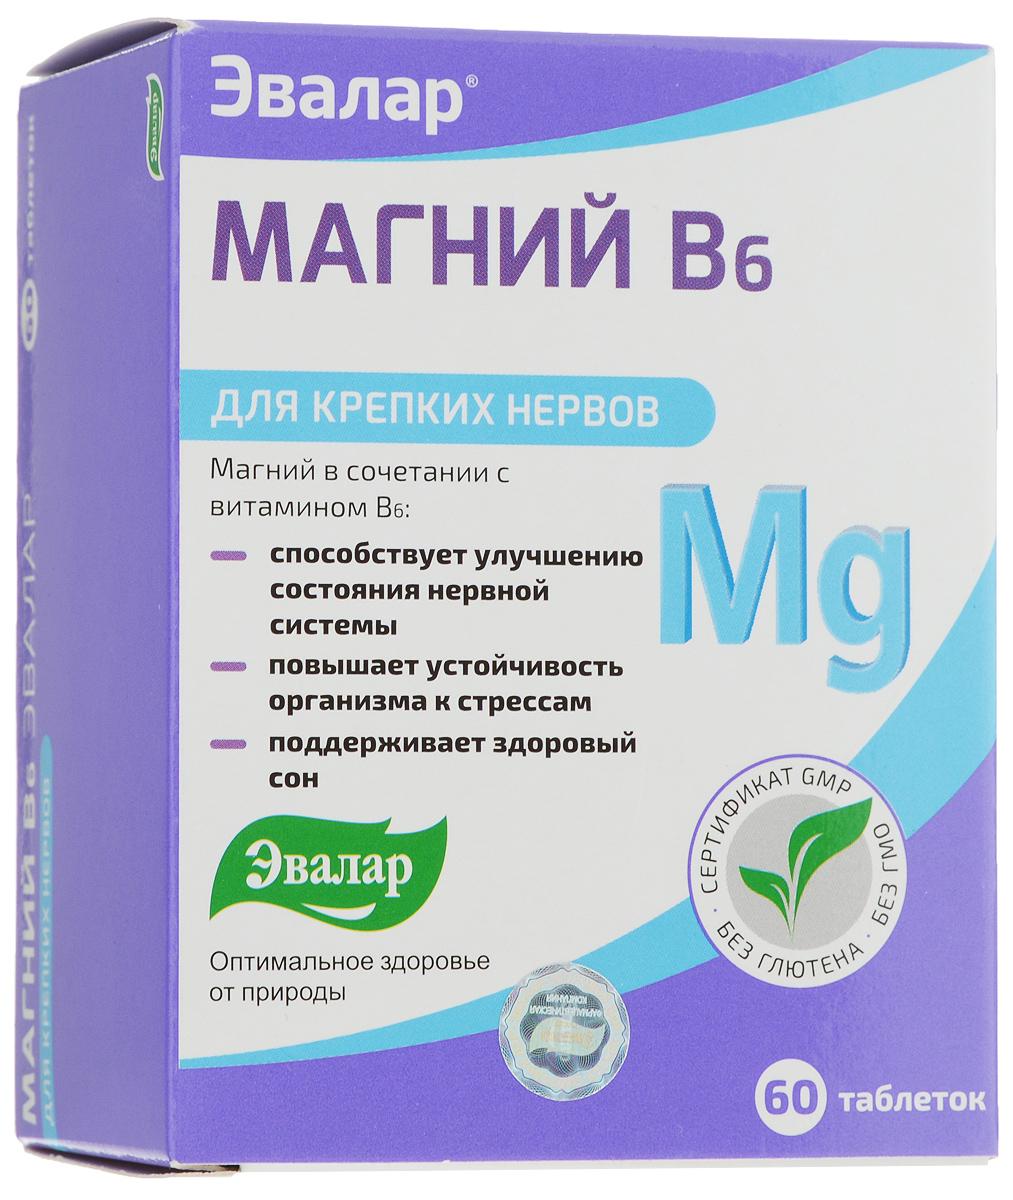 Магний В6 Эвалар, для крепких нервов, 60 таблеток10Магний в сочетании с витамином В6 способствует улучшению состояния нервной системы, повышает устойчивость организма к стрессам, поддерживает здоровый сон. Магний является жизненно важным макроэлементом. В стрессовых ситуациях организм теряет значительное количество ионов магния, в связи с чем его дополнительный прием защищает организм от последствий стресса. Магний поддерживает клеточный иммунитет, учувствует в регуляции обмена веществ, способствует правильному распределению кальция в организме, снятию мышечных спазмов и судорог. Витамин В6 улучшает усвоение магния и его метаболизм в клетке, обладает способностью фиксировать магний в клетке, что очень важно, поскольку макроэлемент быстро выводится из организма. Рекомендации по применению: Взрослым по 2 таблетки 3 раза в день во время еды. Продолжительность приема - не менее 1 месяца. Состав: магния аспарагинат, мальтодекстрин, целлюлоза микрокристаллическая (наполнитель), поливинилпирролидон и кроскарамеллоза (носители), диоксид кремния аморфный, стеарат кальция и стеариновая кислота растительного происхождения (антислеживающие добавки), крахмал кукурузный (наполнитель), пиридоксина гидрохлорид; компоненты пленочного покрытия: гидроксипропилметилцеллюлоза, глицерин. Товар не является лекарственным средством. Товар не рекомендован для лиц младше 18 лет. Могут быть противопоказания, и следует предварительно проконсультироваться со специалистом. Товар сертифицирован.